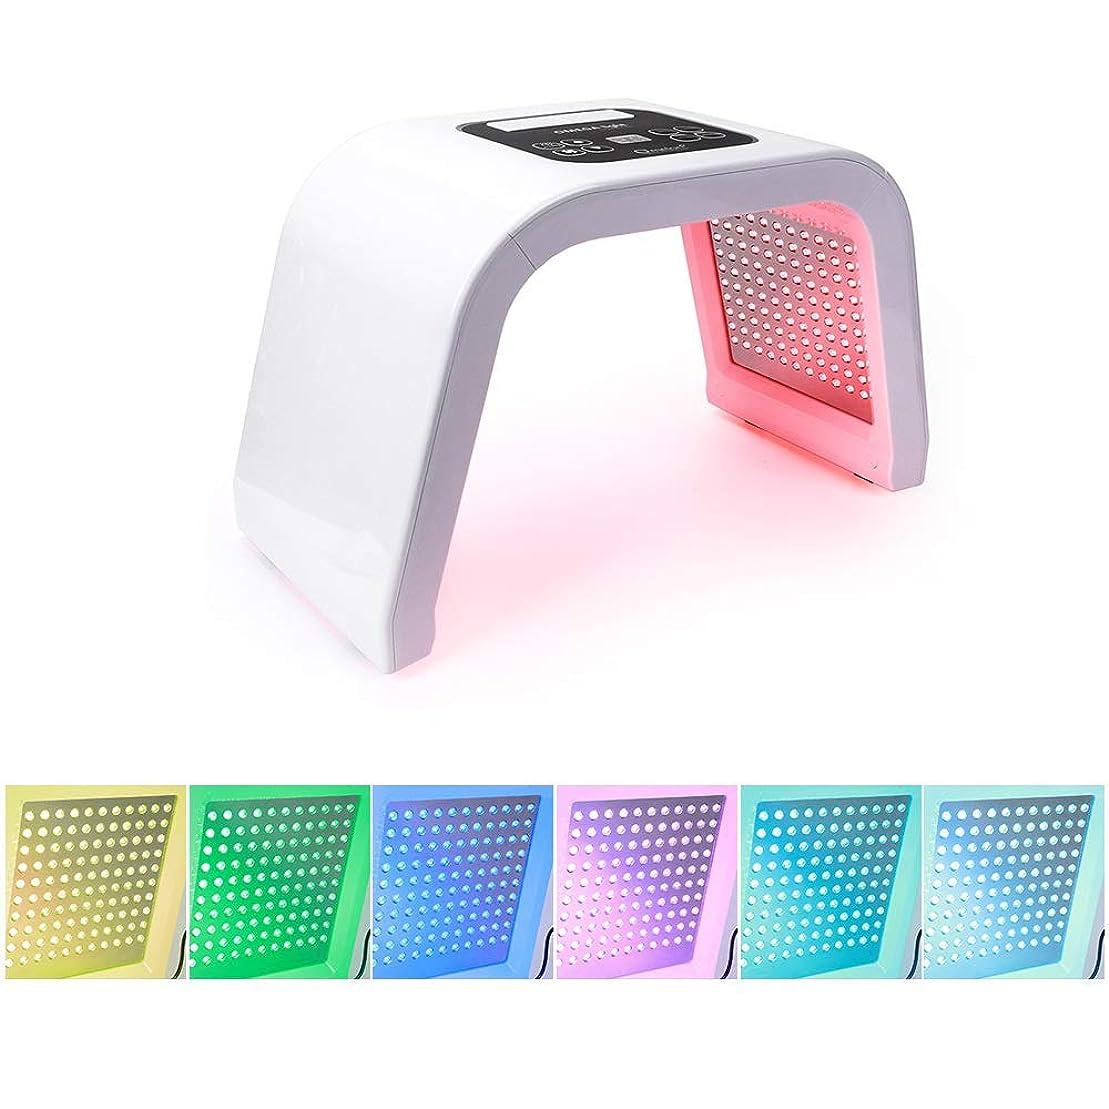 工業用理解管理PDT 7色ledライト美容光力学ランプにきび治療スキンケア機若返りフェイシャルマシンボディ美容スキンケア光子療法機